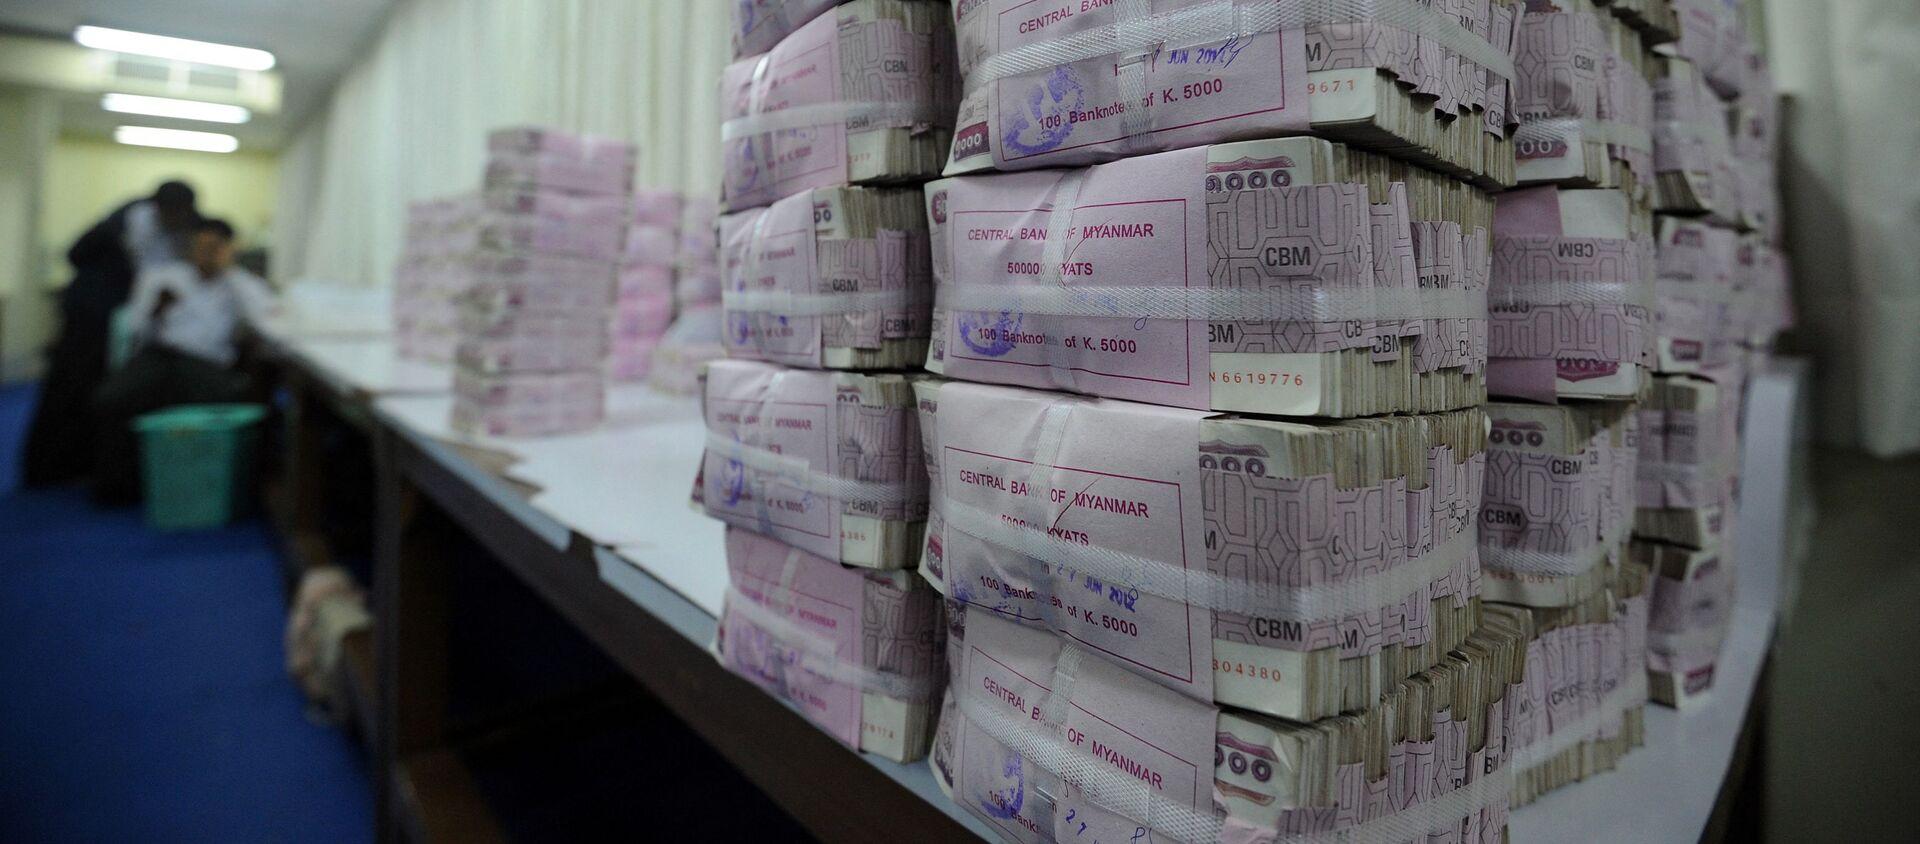 Những cọc tiền mặt trong Ngân hàng Trung ương Myanmar ở Yangon. - Sputnik Việt Nam, 1920, 26.03.2021